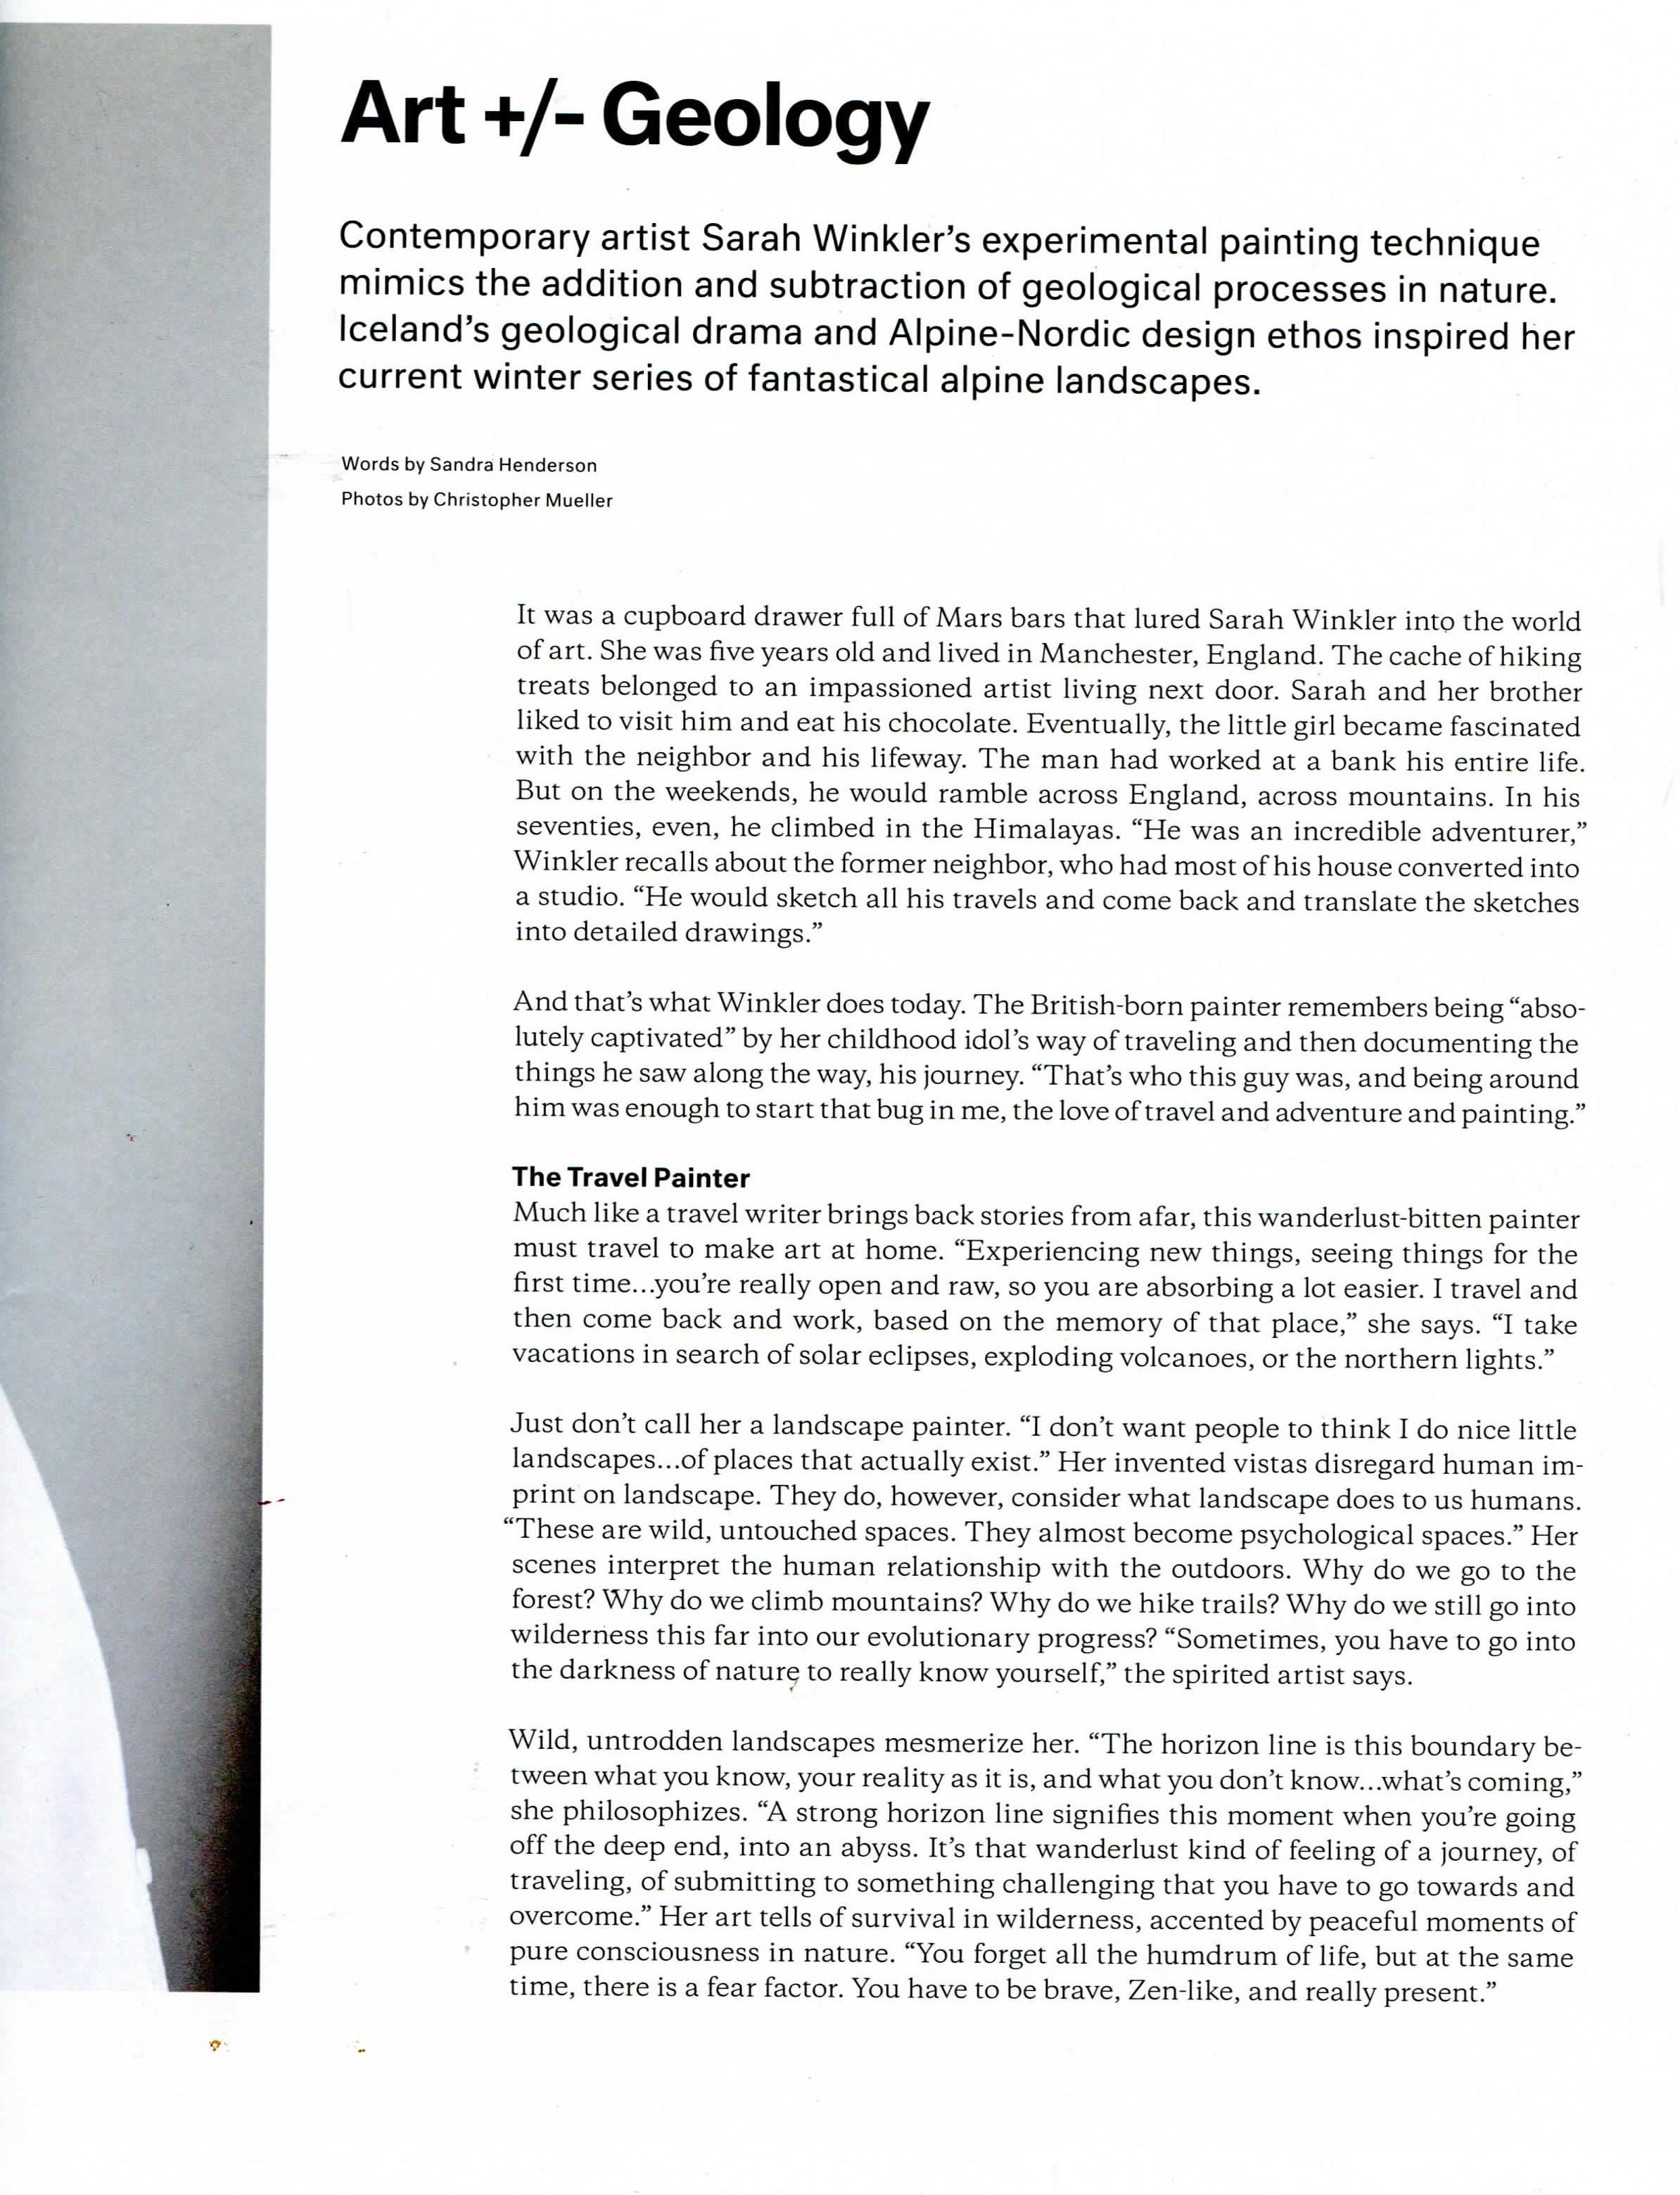 Sarah Winkler in AlpineModern Magazine-3